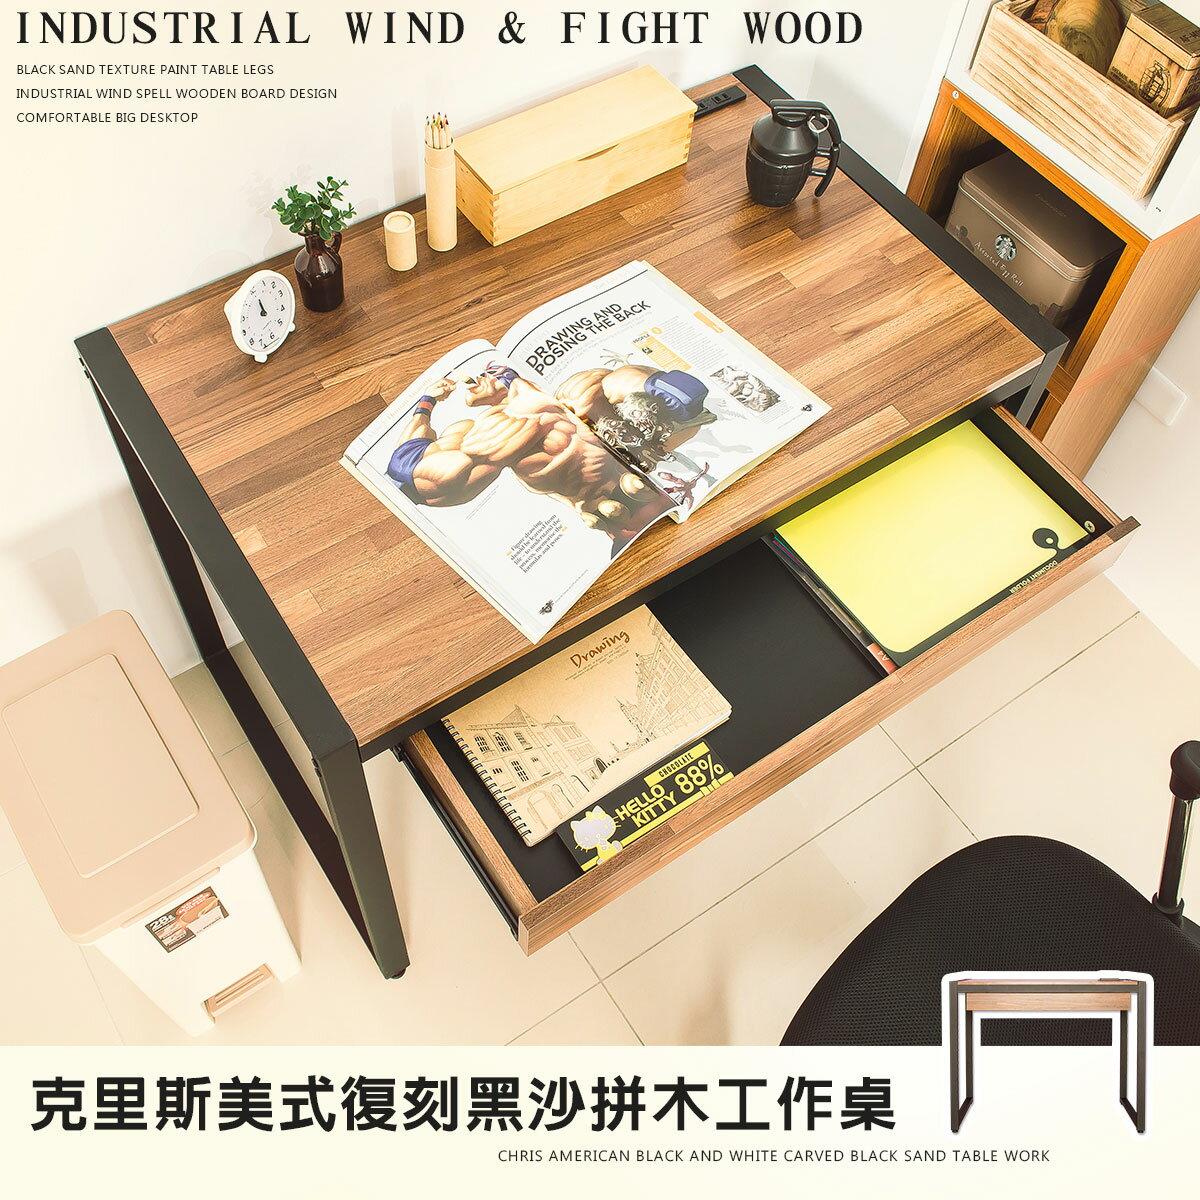 電腦桌/辦公桌/工業風 克里斯美式復刻黑沙拼木工作桌 dayneeds